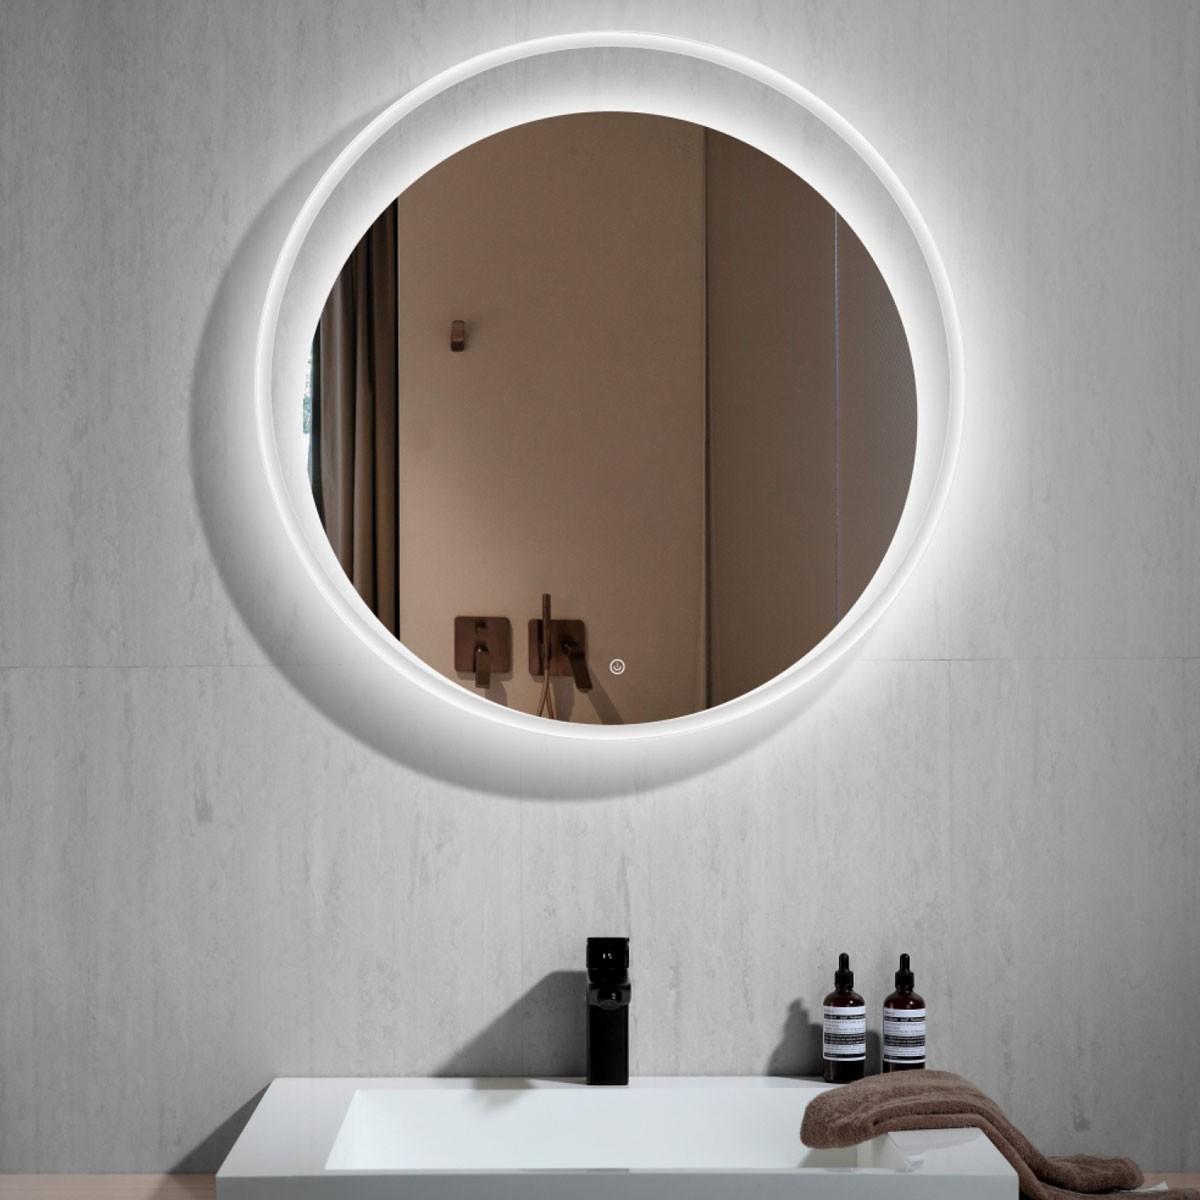 30 Po Miroir de Salle de Bain LED Rond avec Bouton Tactile (DK-CK209)